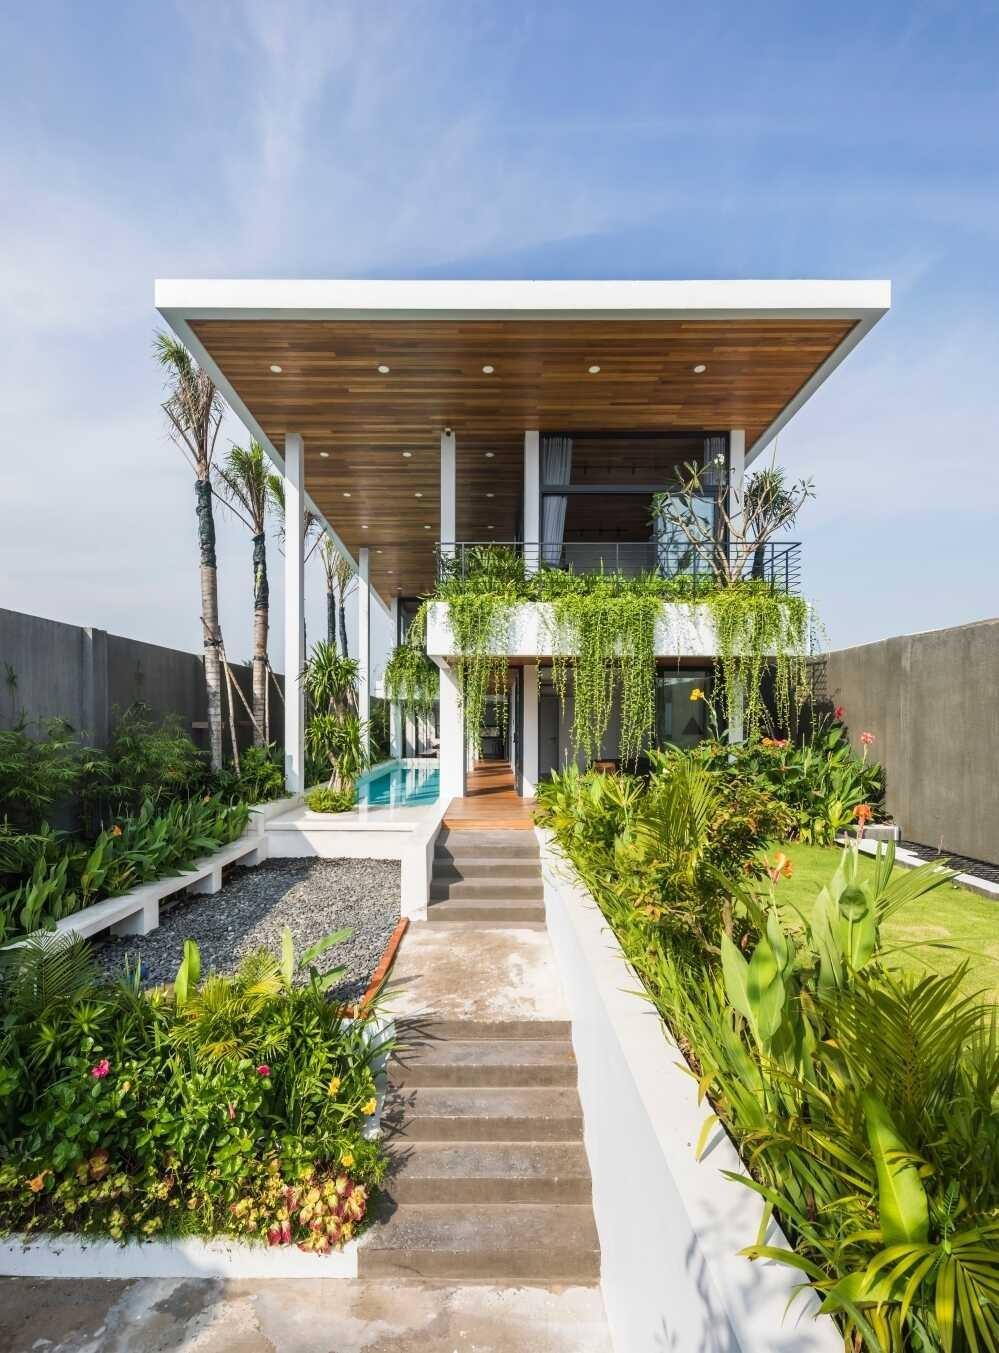 Resort Tại Gia ẩn Mình Sau Tường Bao 7 Mét